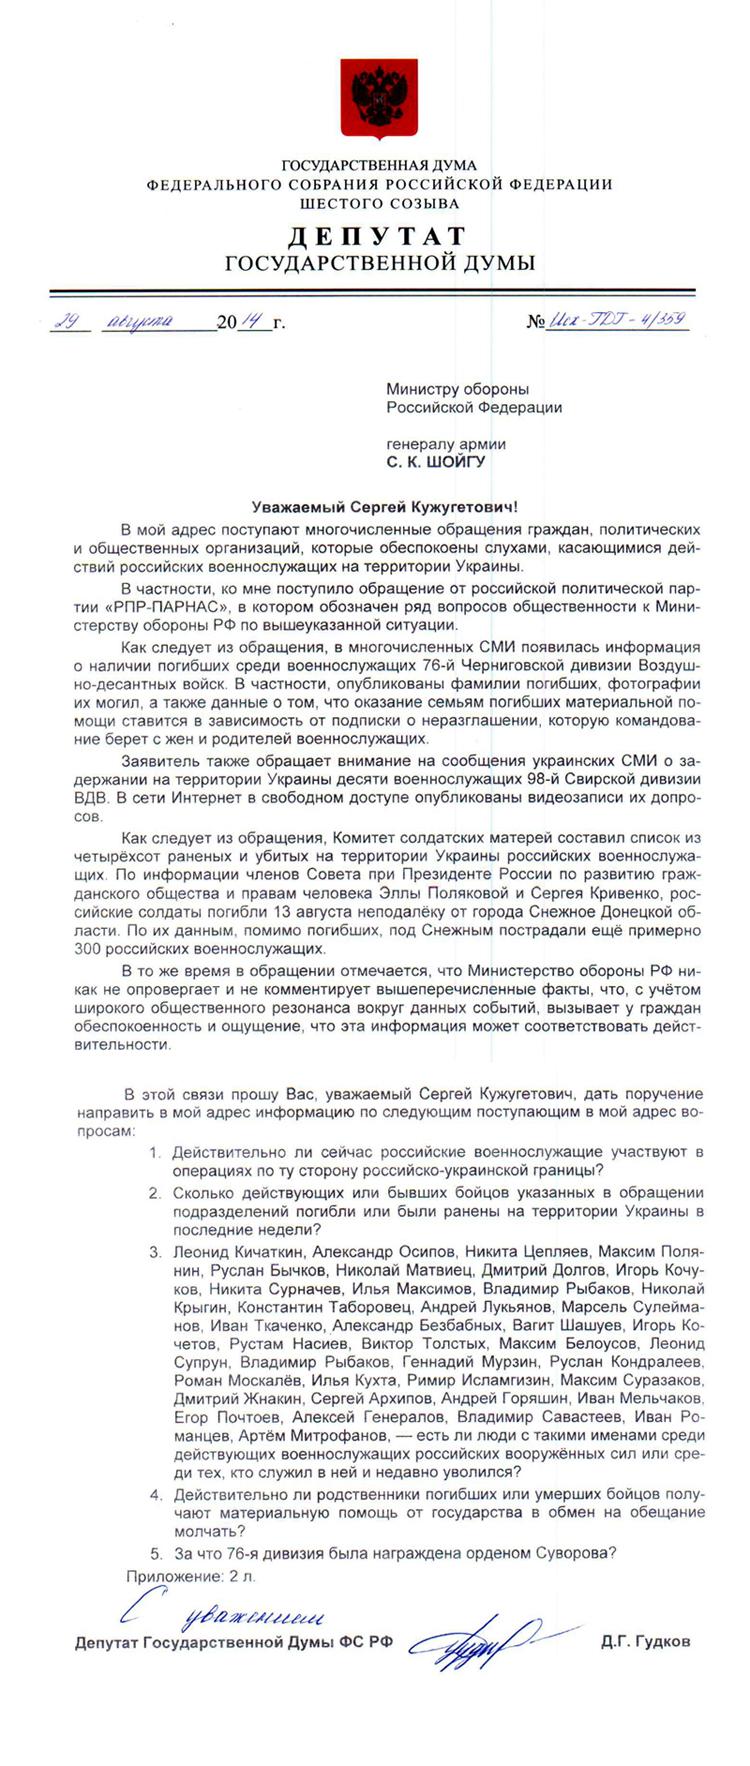 ГДГ-4.359_Немцов_Шойгу